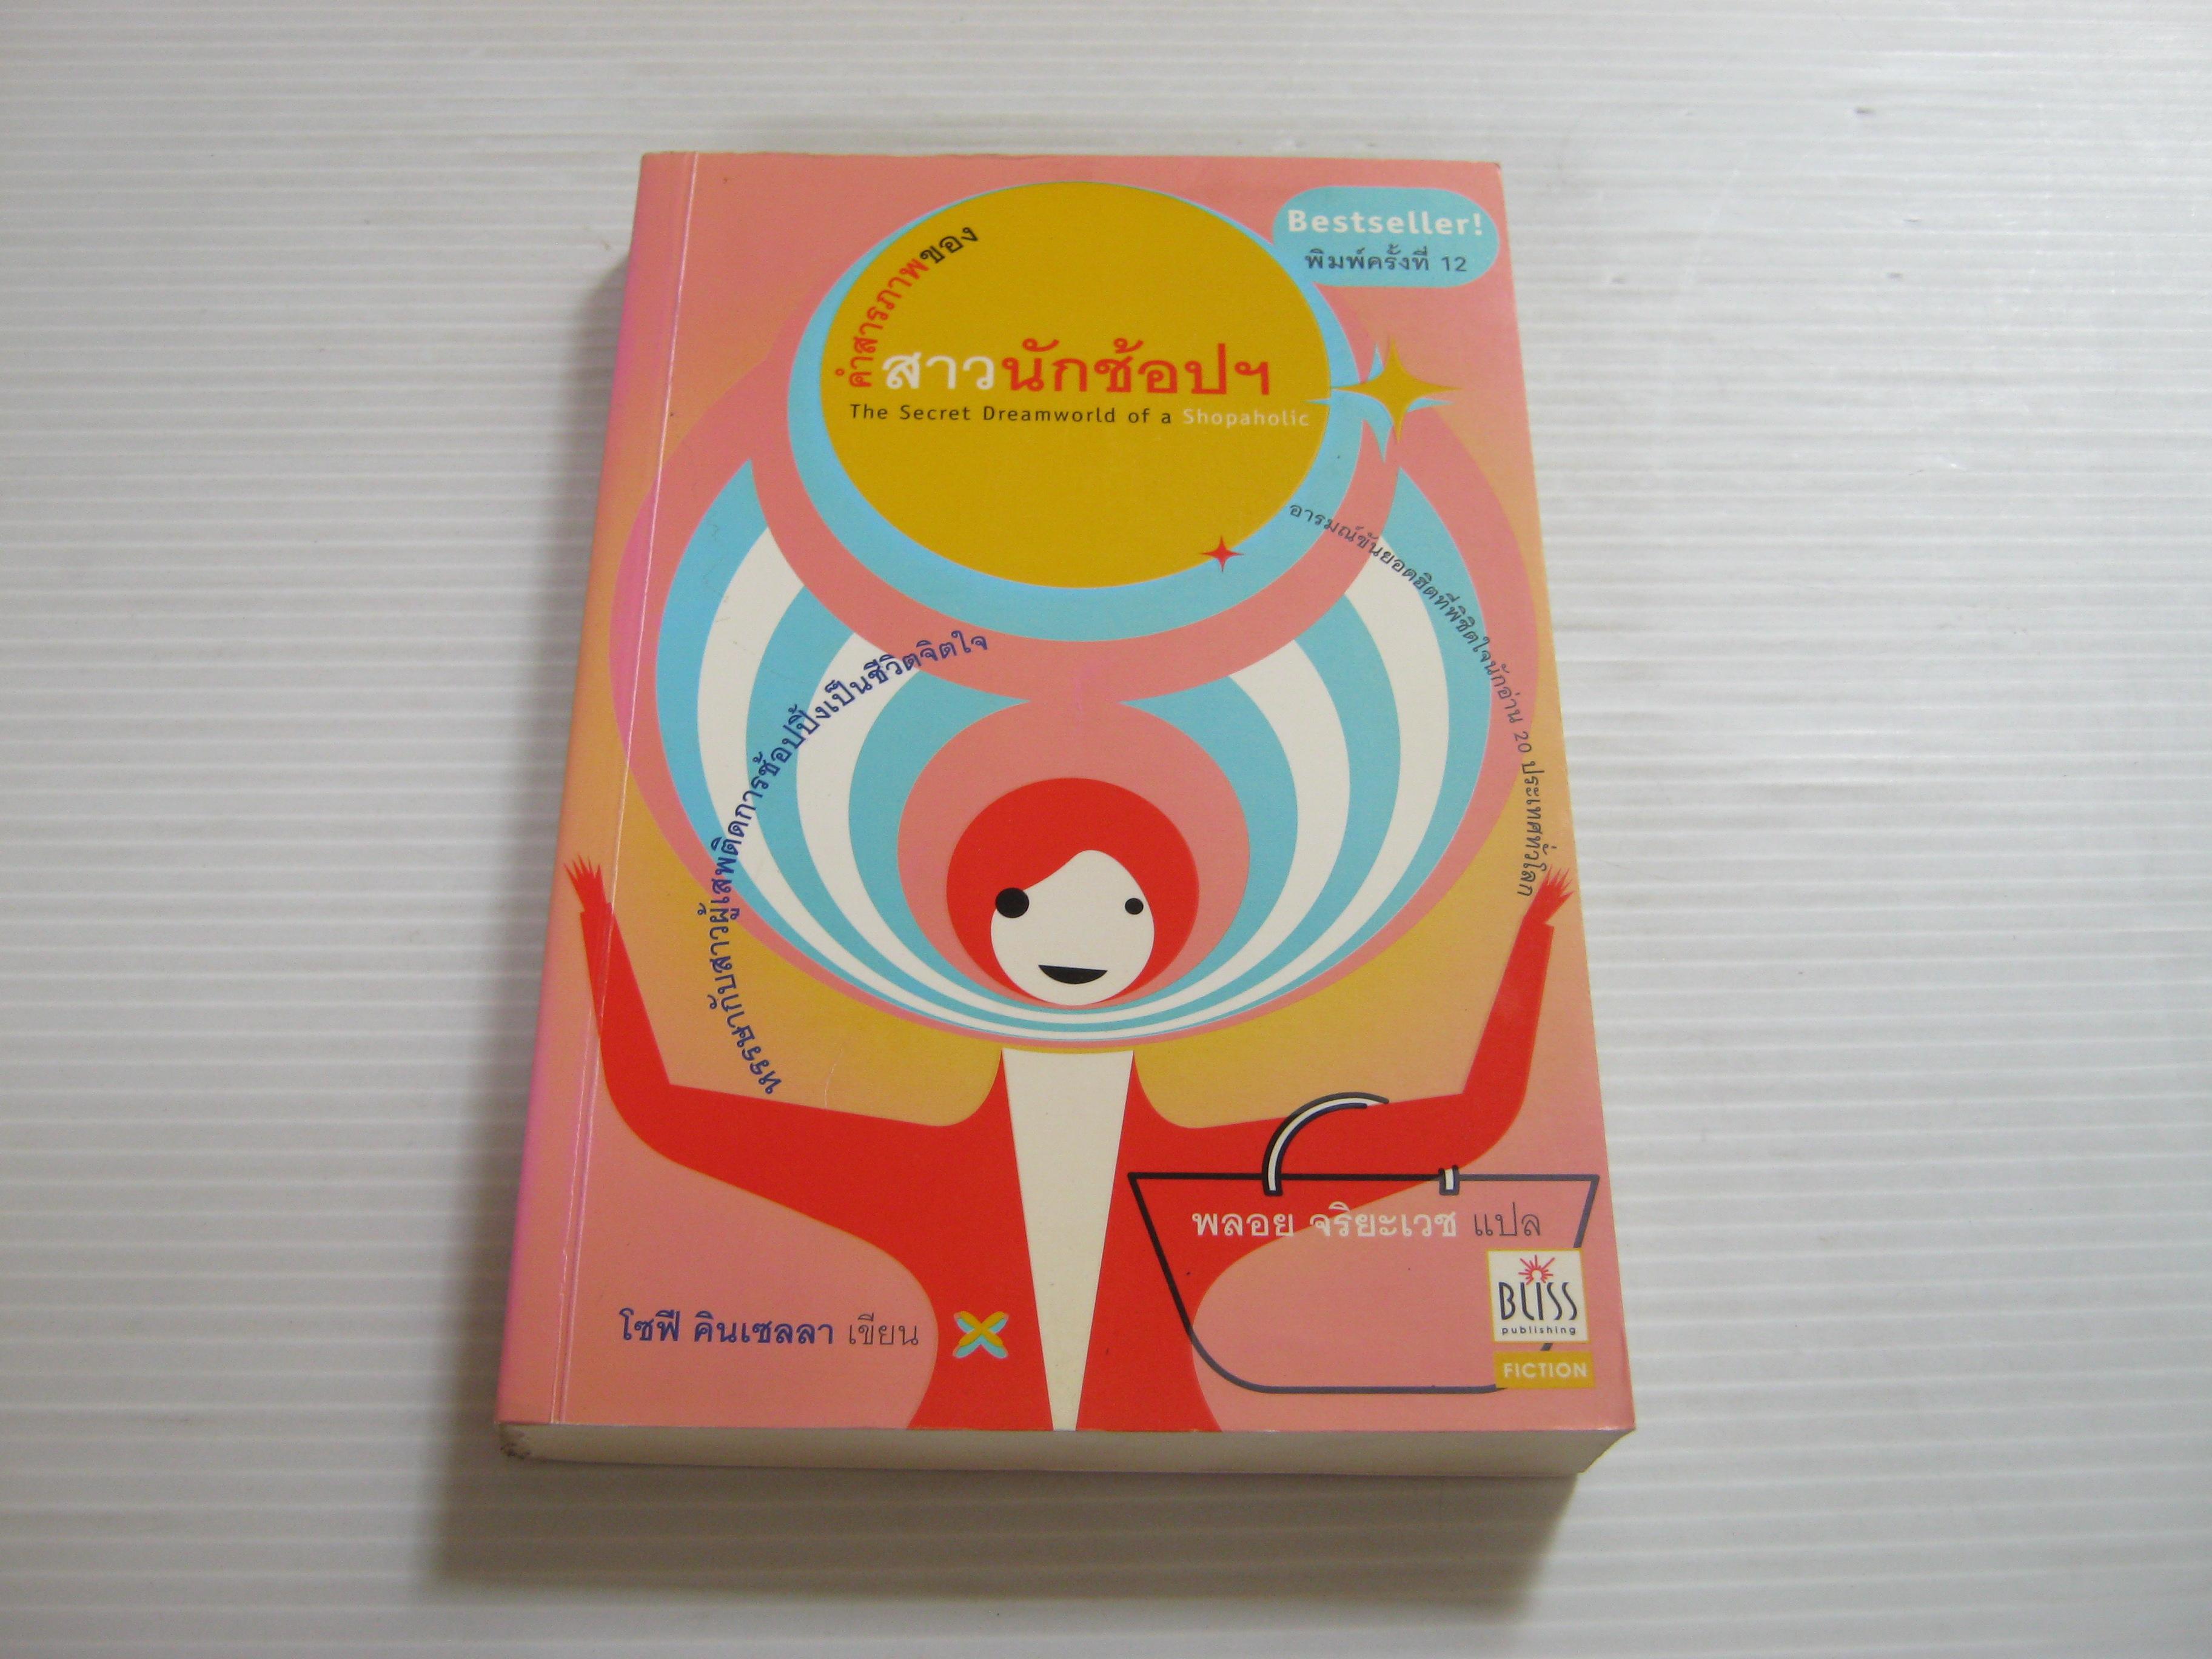 คำสารภาพของสาวนักช้อปฯ (The Secret Dreamworld of a Shopaholic) พิมพ์ครั้งที่ 12 โซฟี คินเซลลา เขียน พลอย จริยะเวช แปล